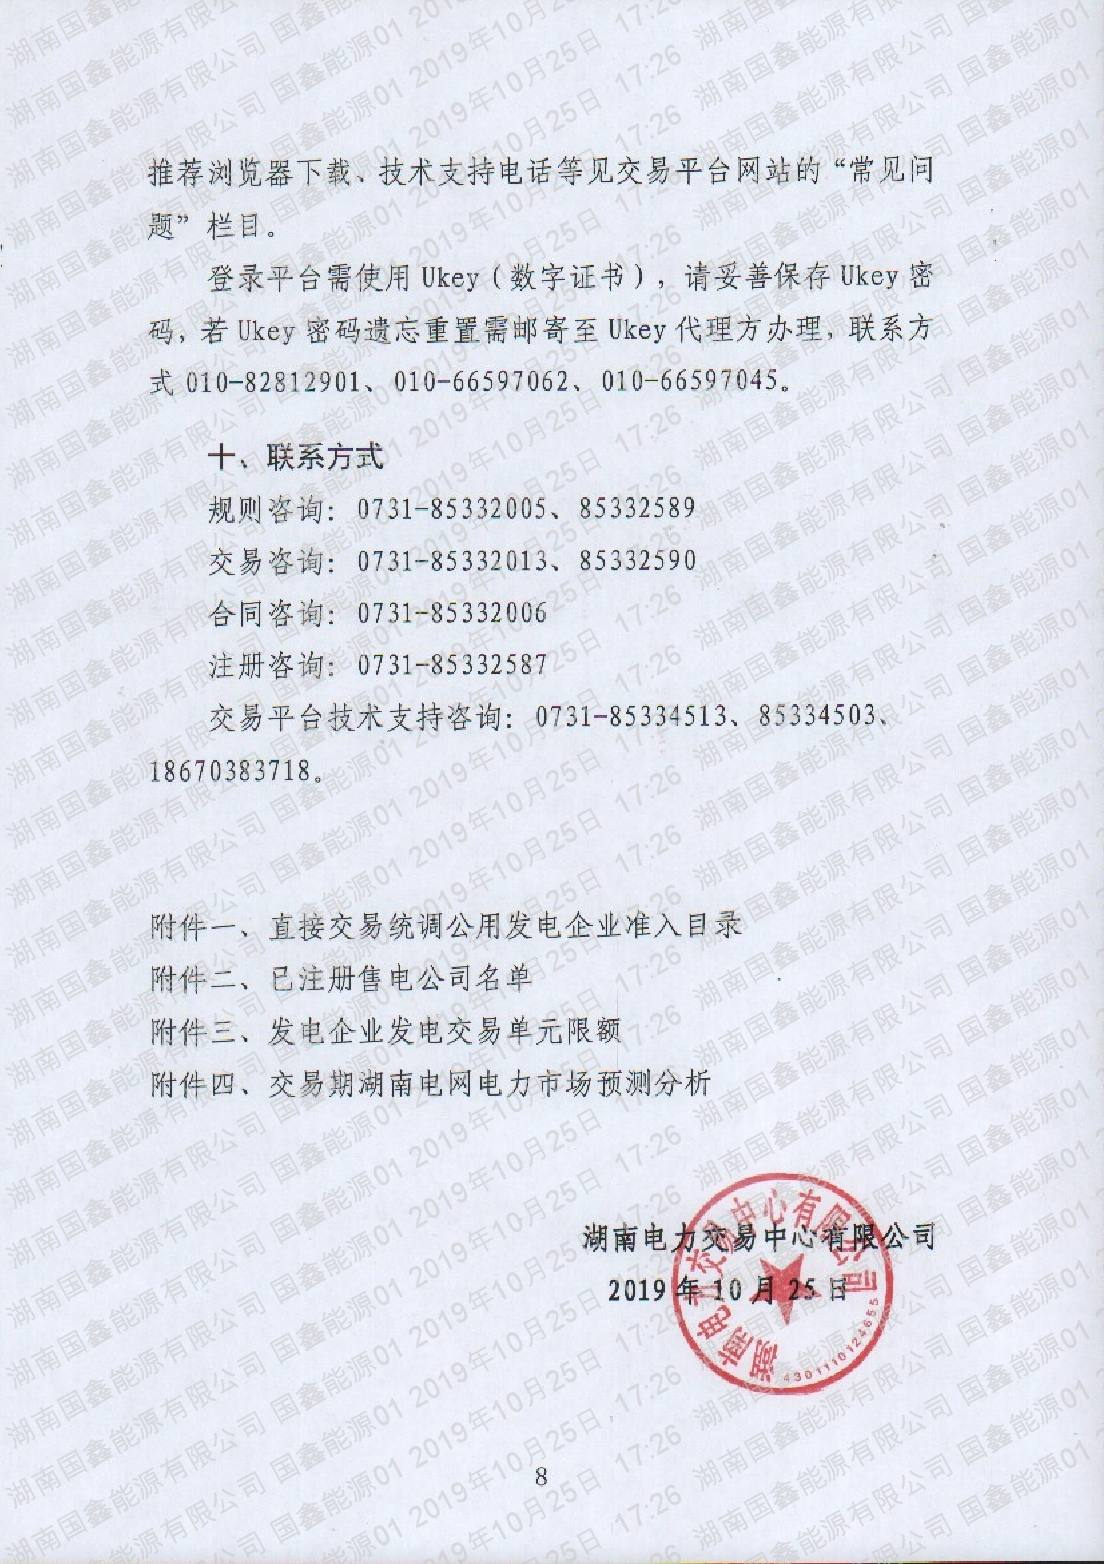 2019年第28号交易公告(11月月度交易).pdf_page_8_compressed.jpg